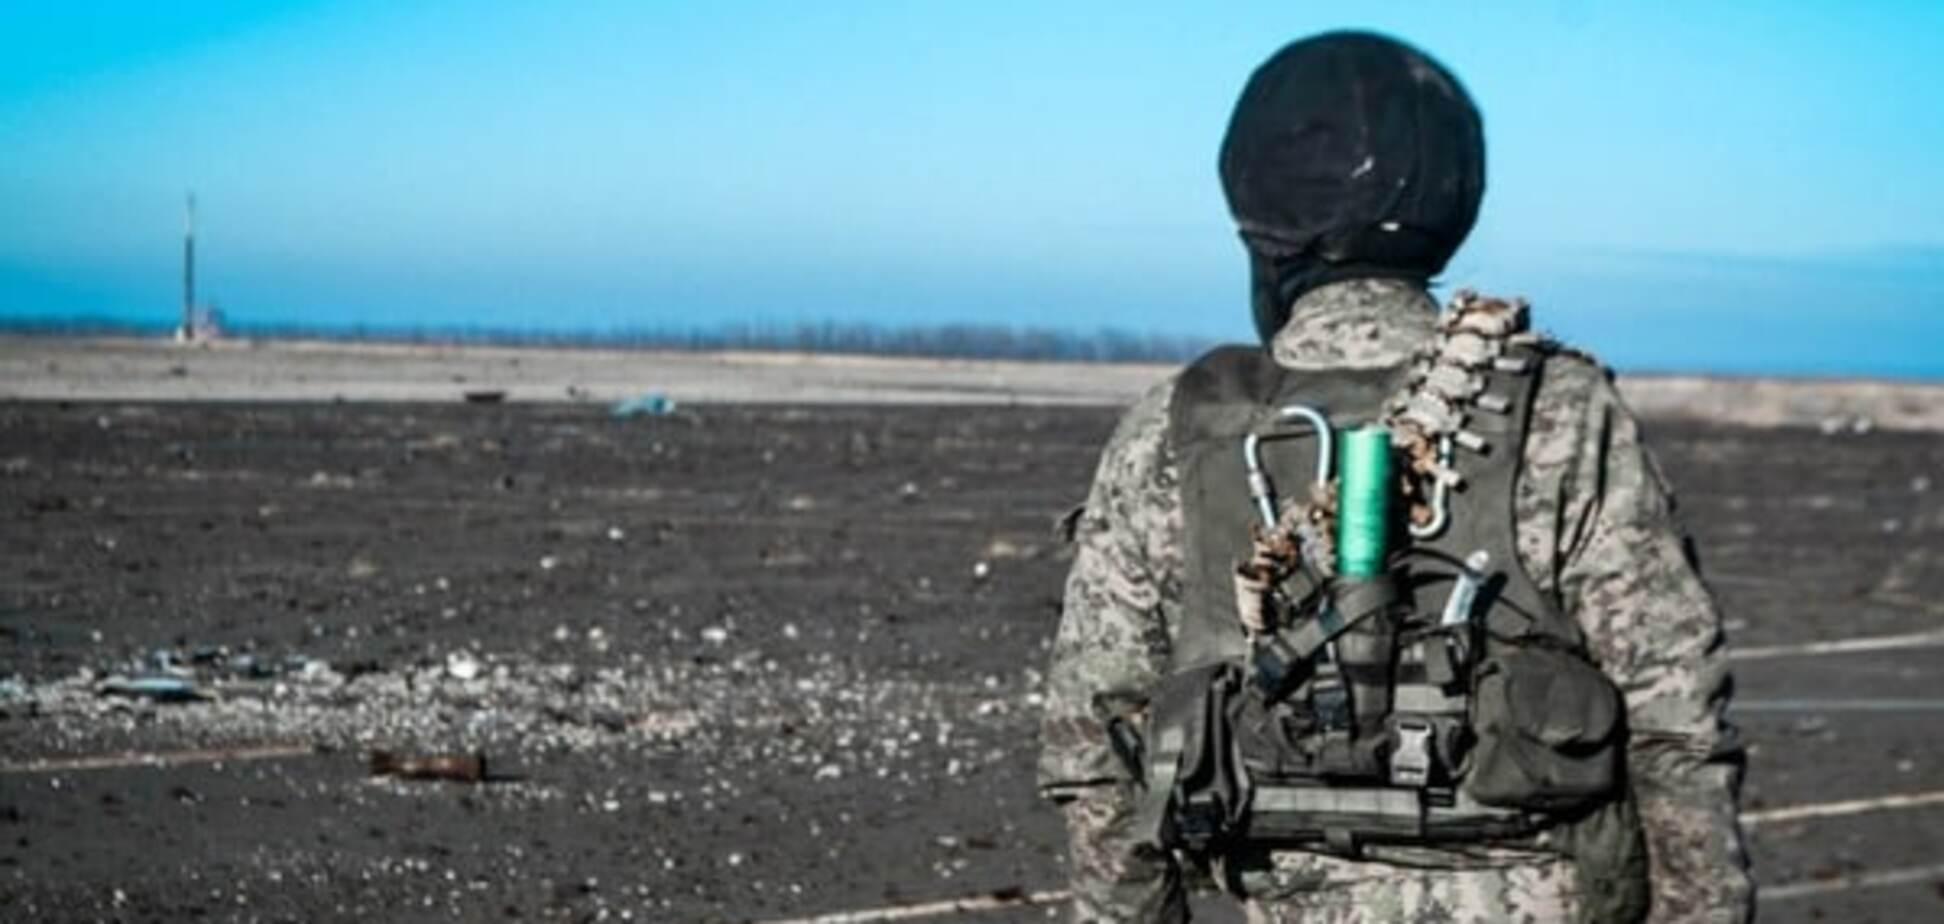 Под Горловкой террористы 'ДНР' ворвались в 'серую зону' в форме военнослужащих ВСУ